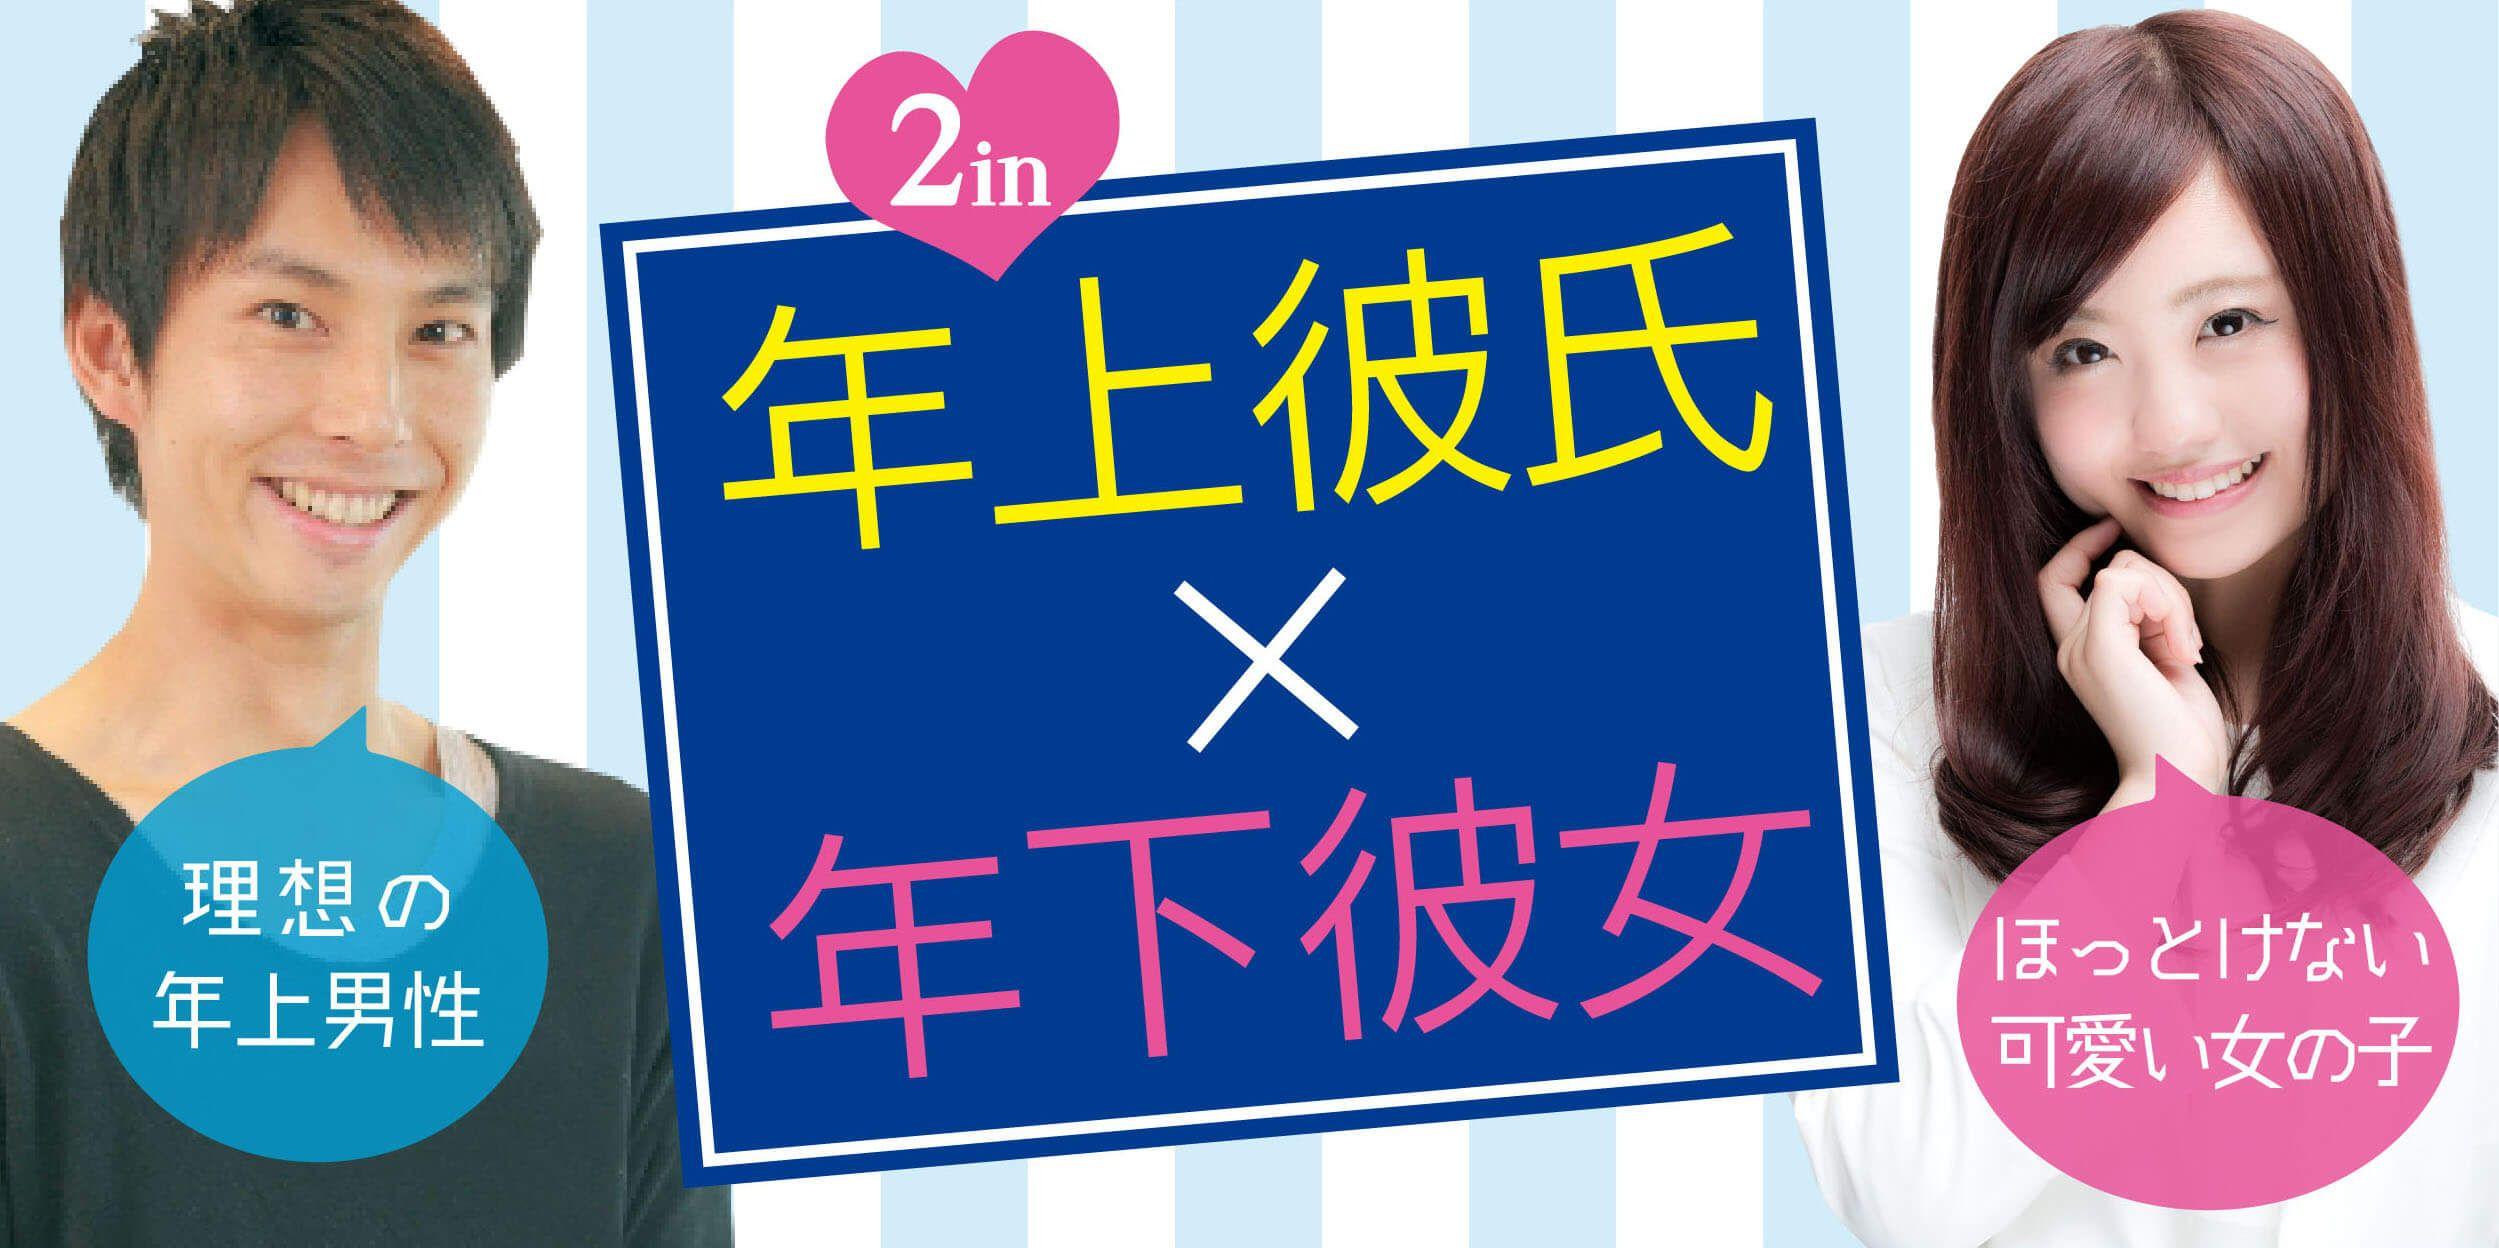 【岡山駅周辺のプチ街コン】合同会社ツイン主催 2016年12月3日